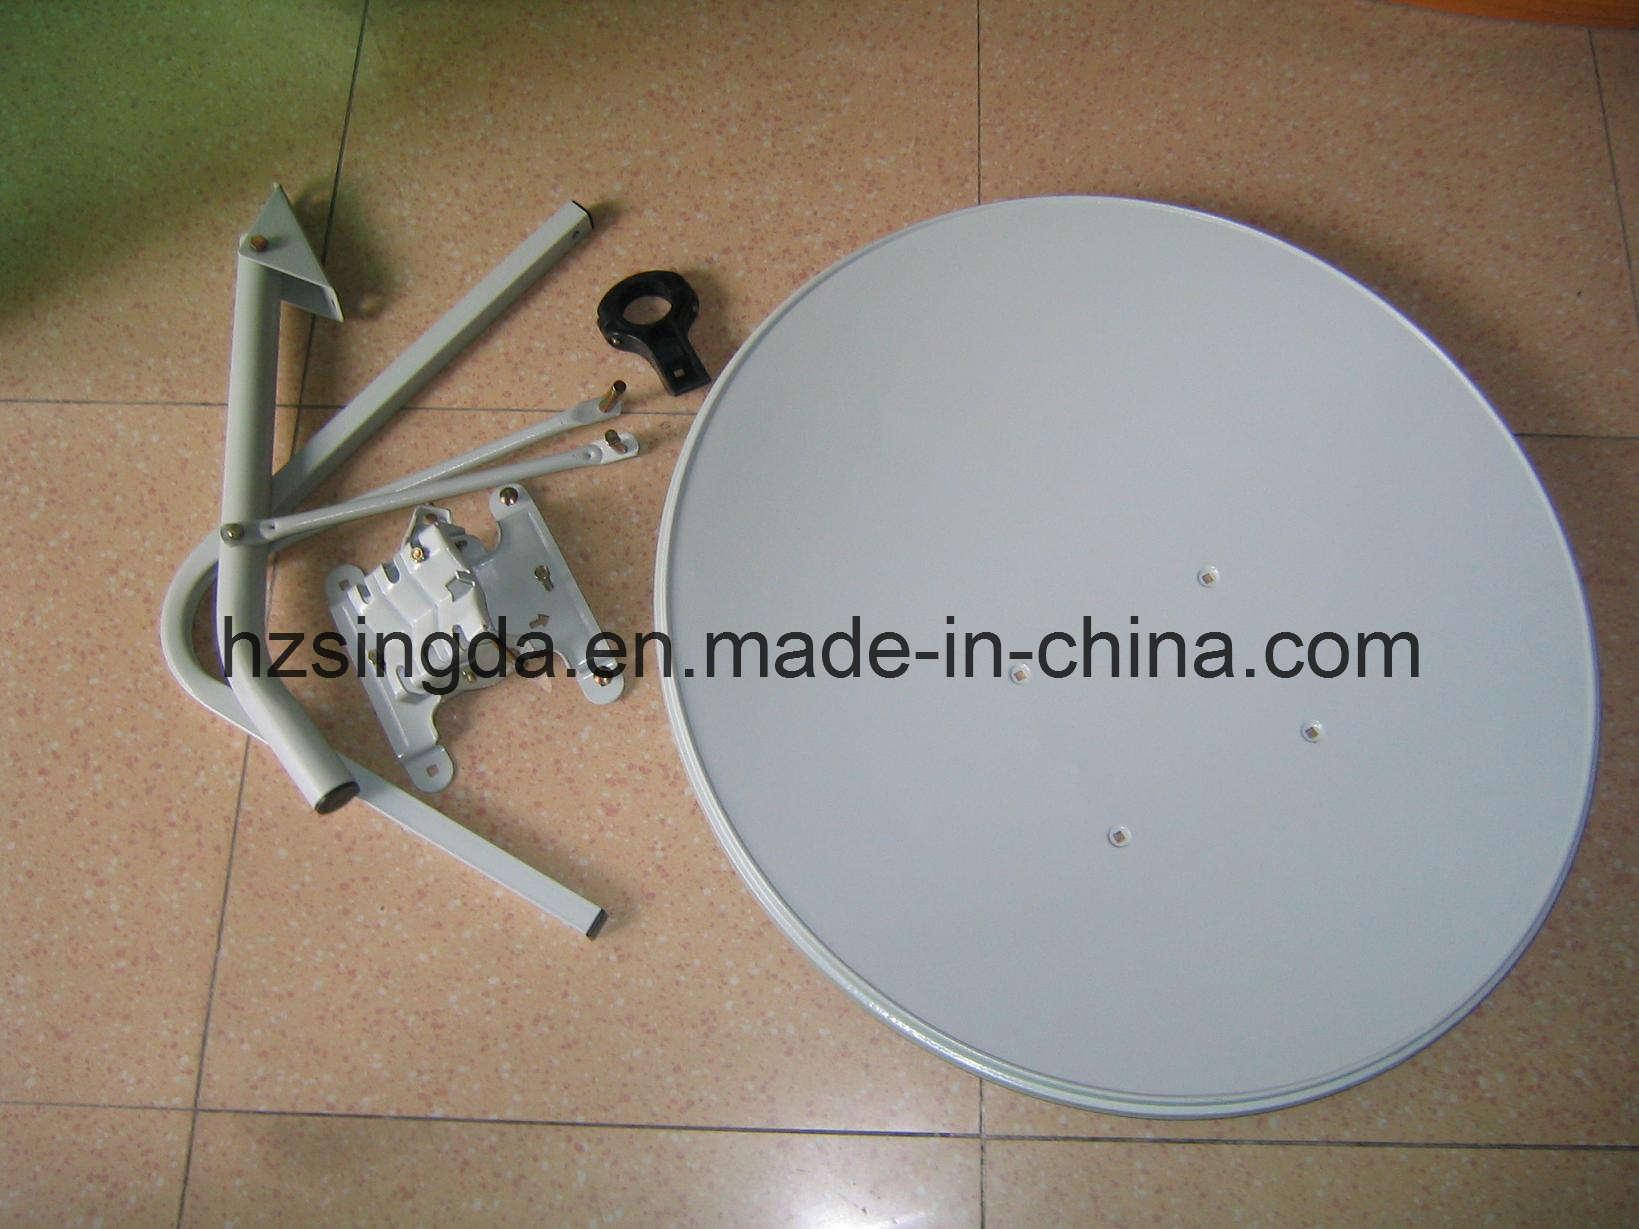 Ku Band satellite dish antenna universal with SGS Certification